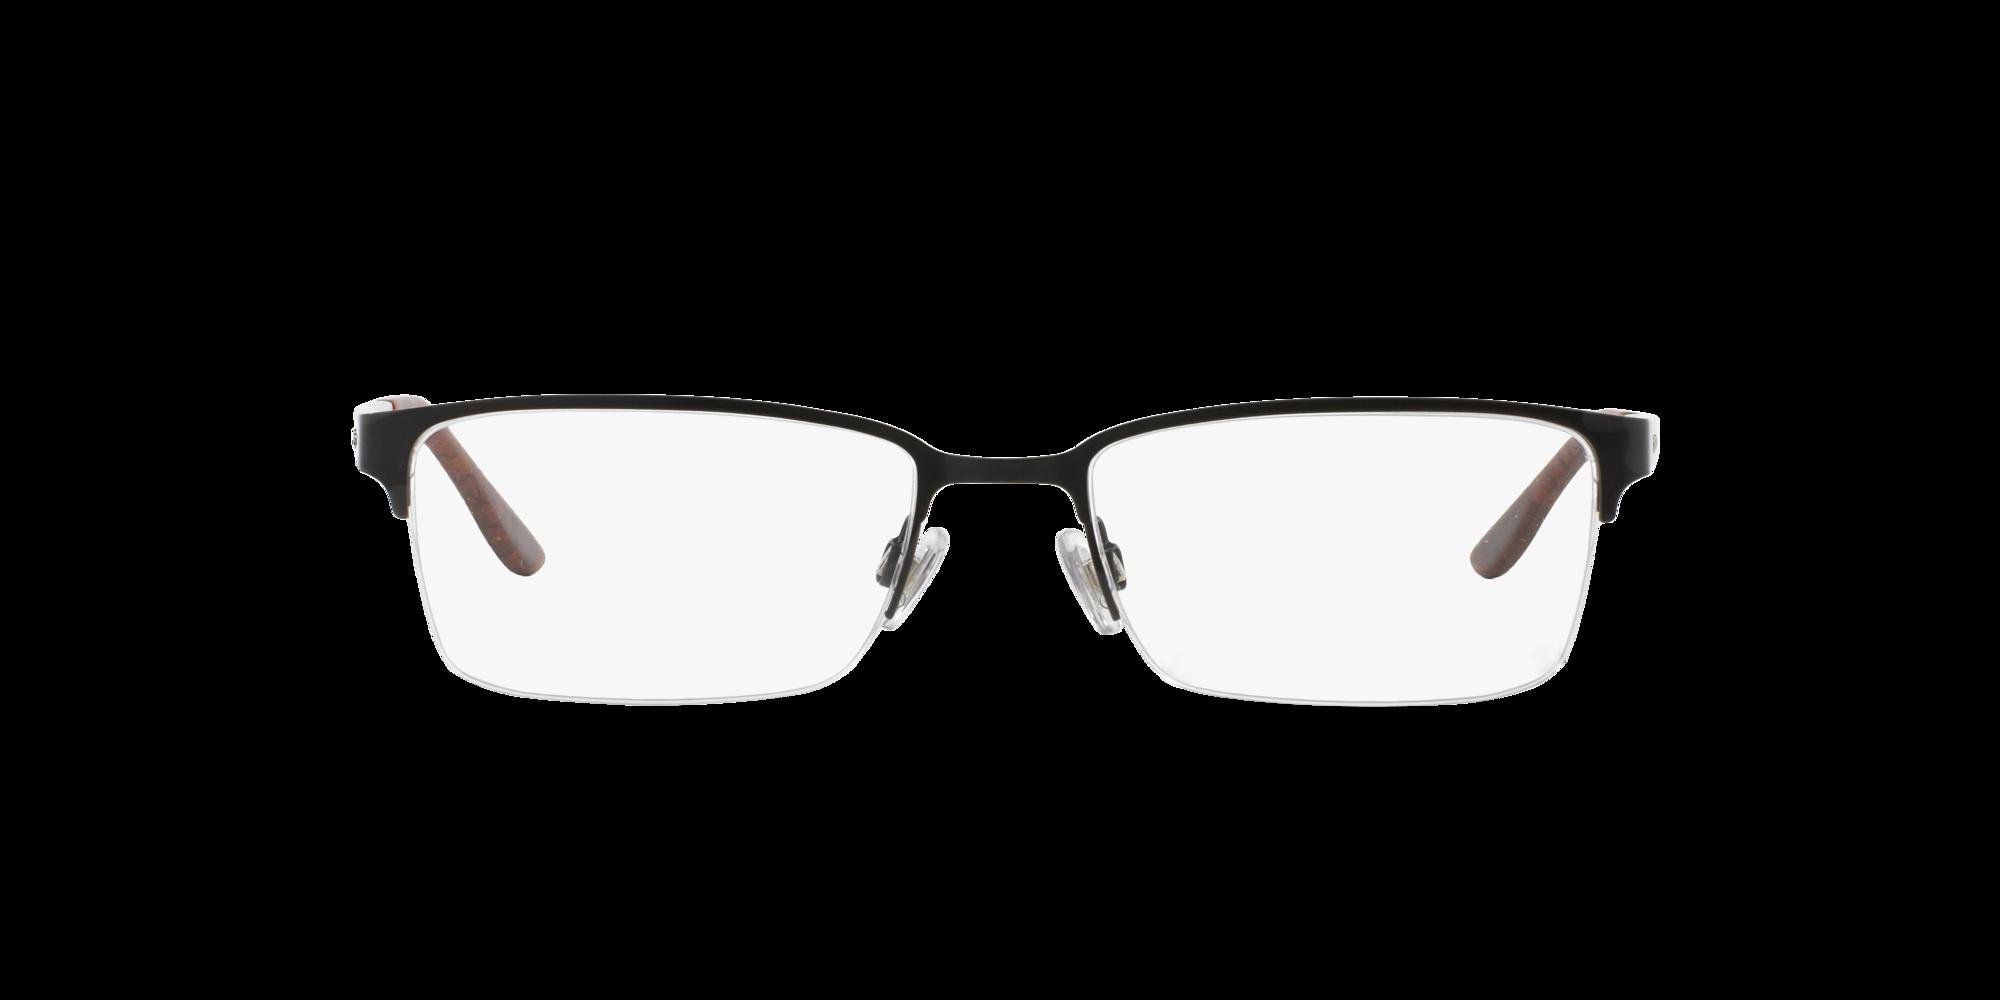 Imagen para RL5089 de LensCrafters    Espejuelos, espejuelos graduados en línea, gafas